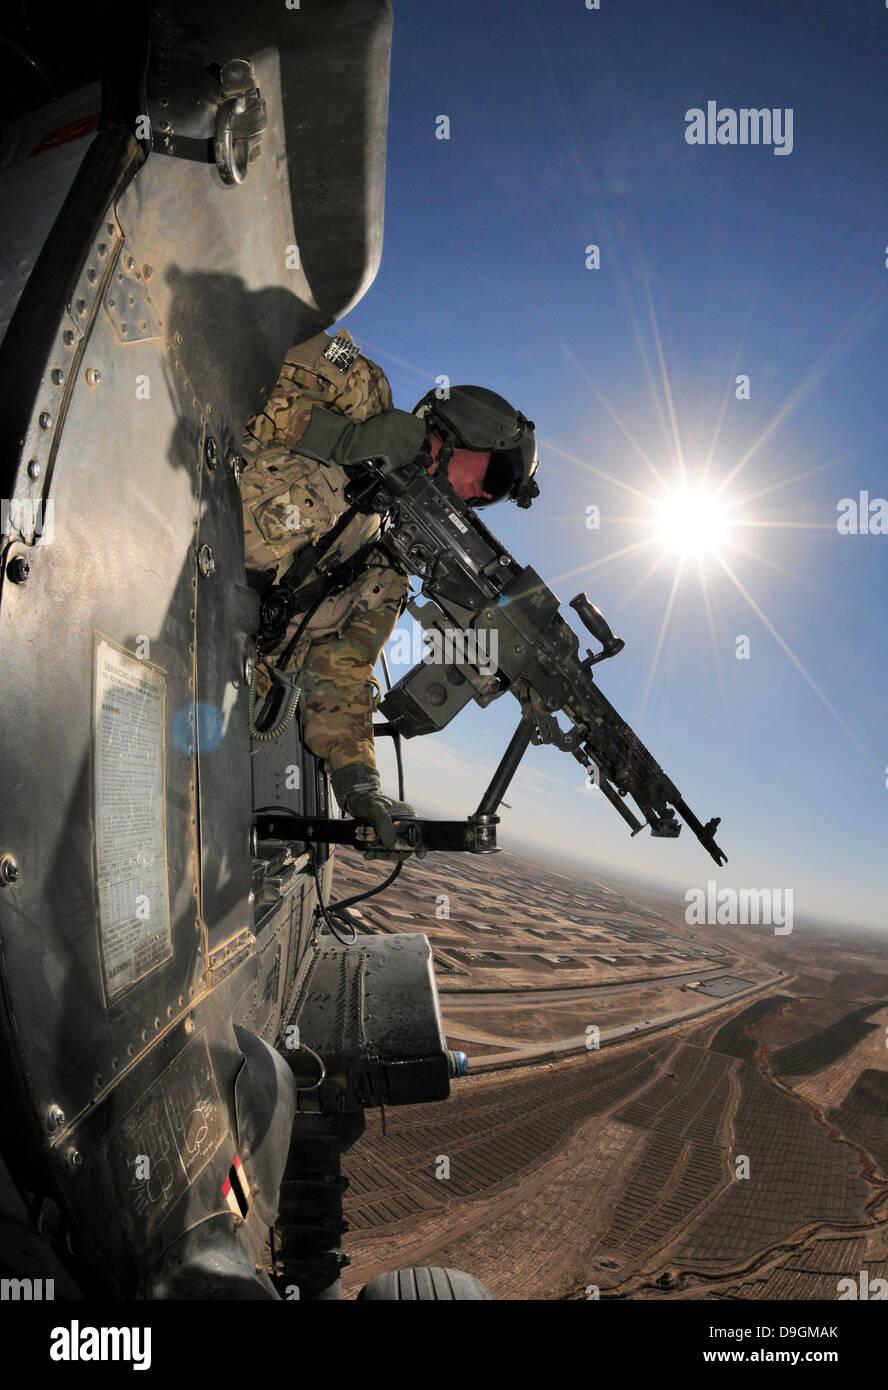 us army machine gunner